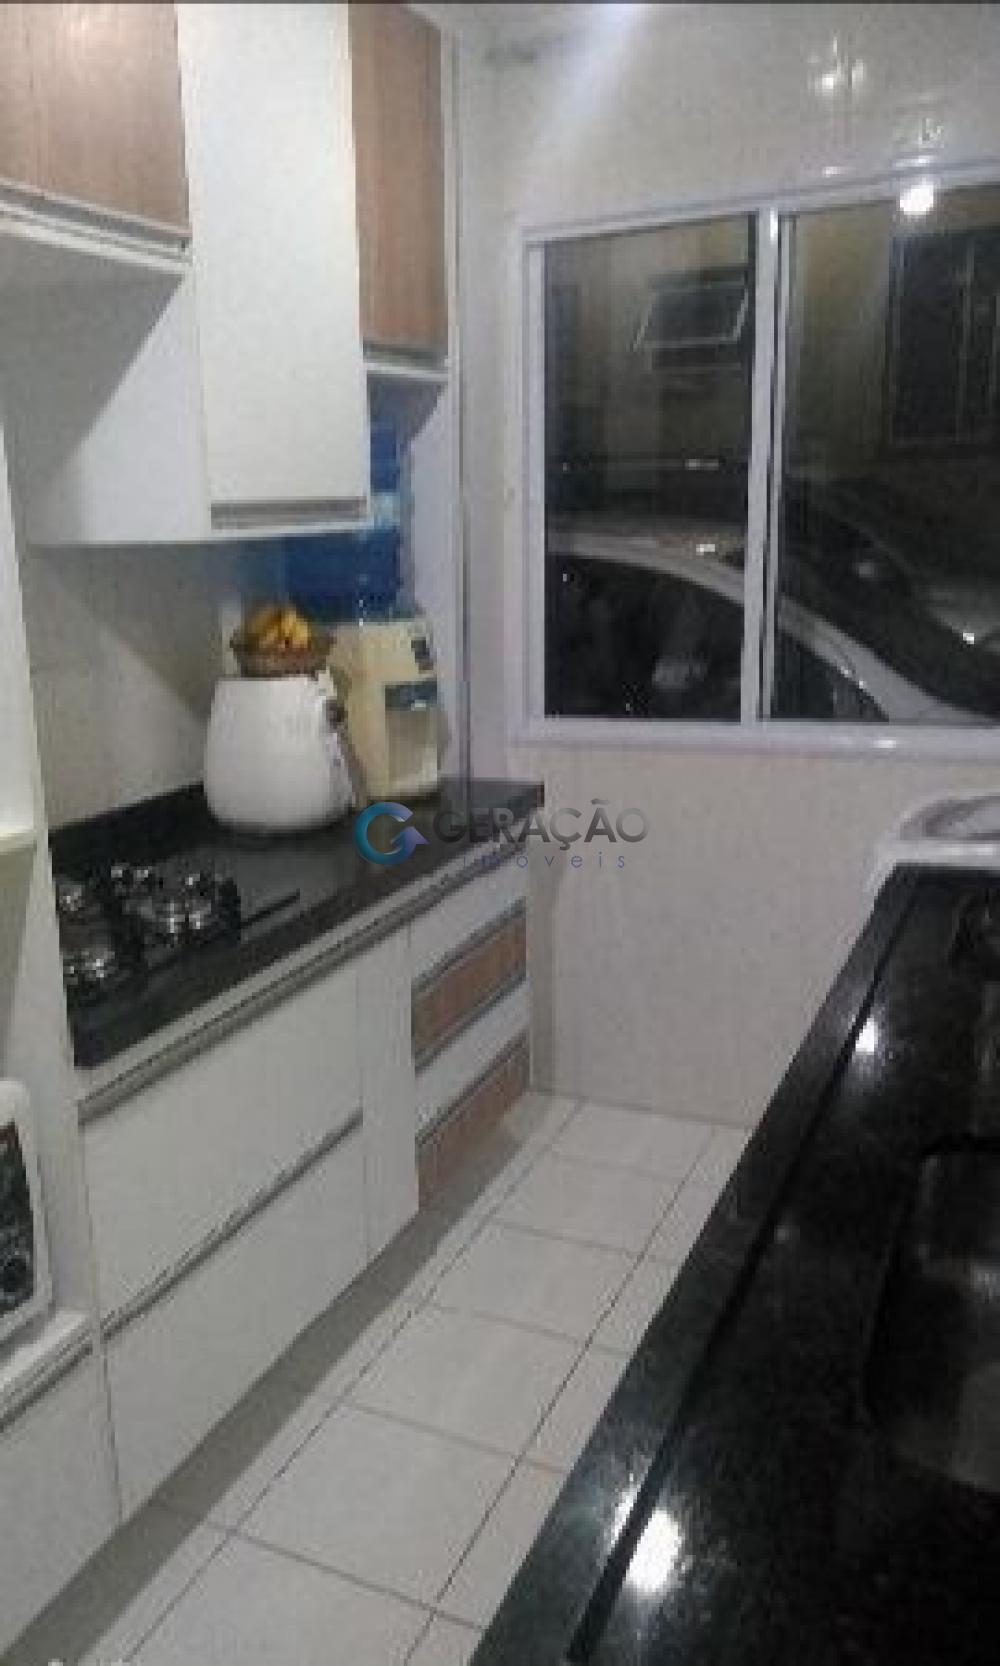 Comprar Apartamento / Padrão em São José dos Campos R$ 305.000,00 - Foto 3